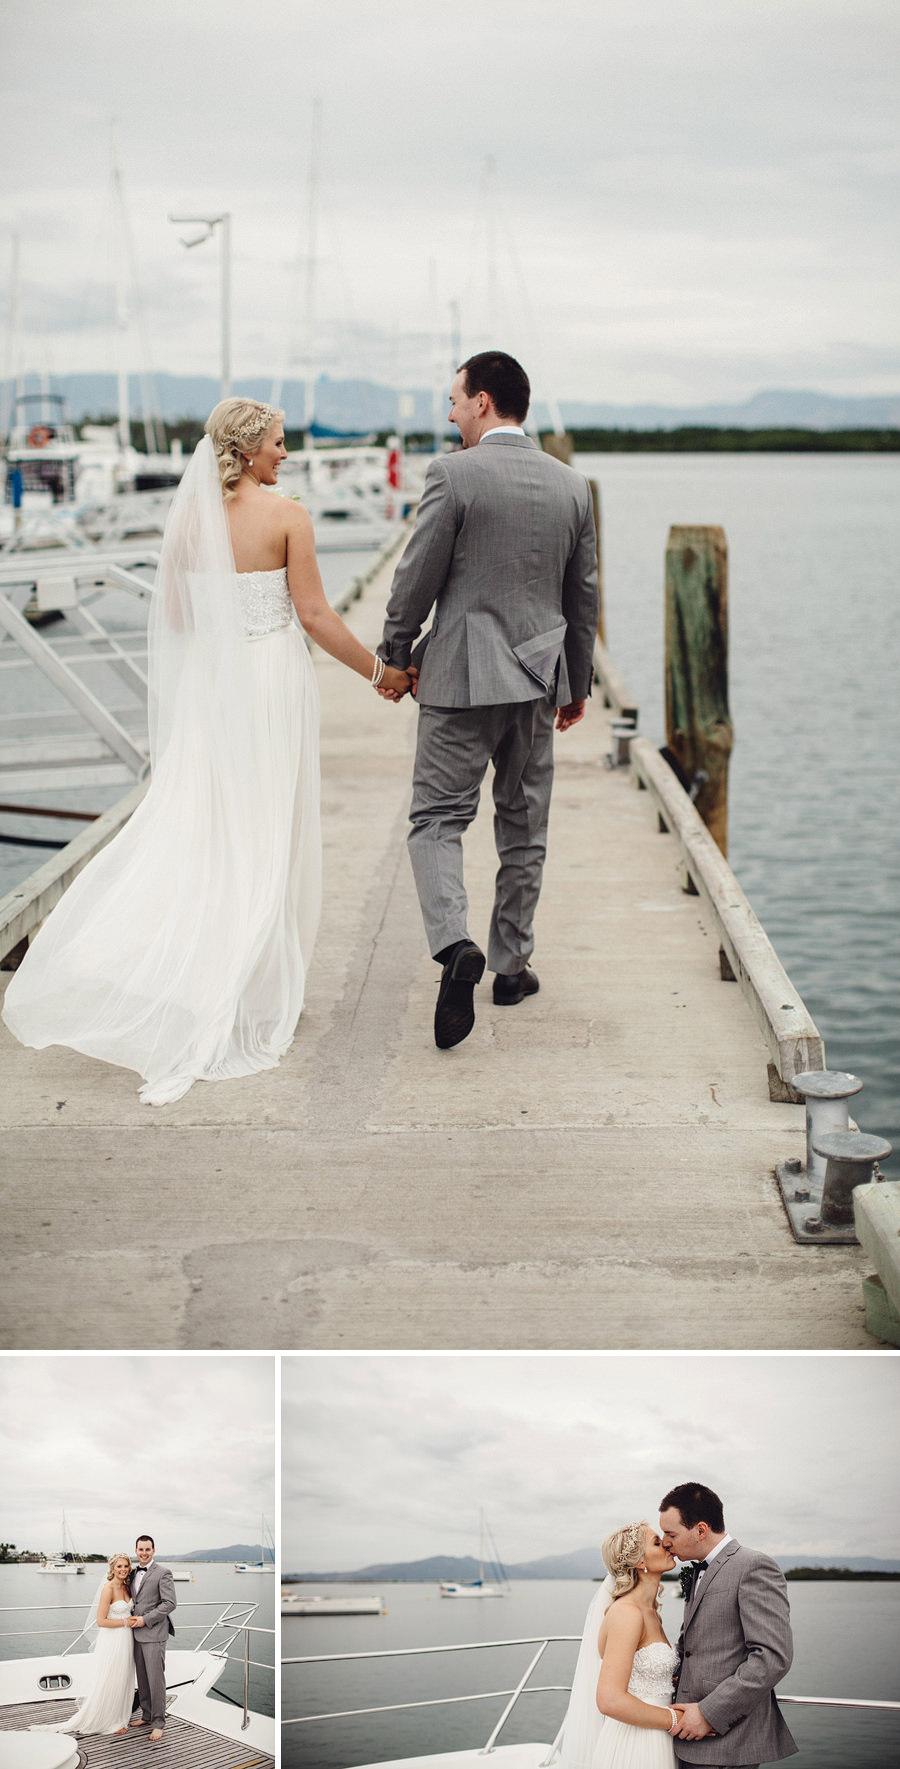 Port Denarau Wedding Photographer: Bride & Groom portraits